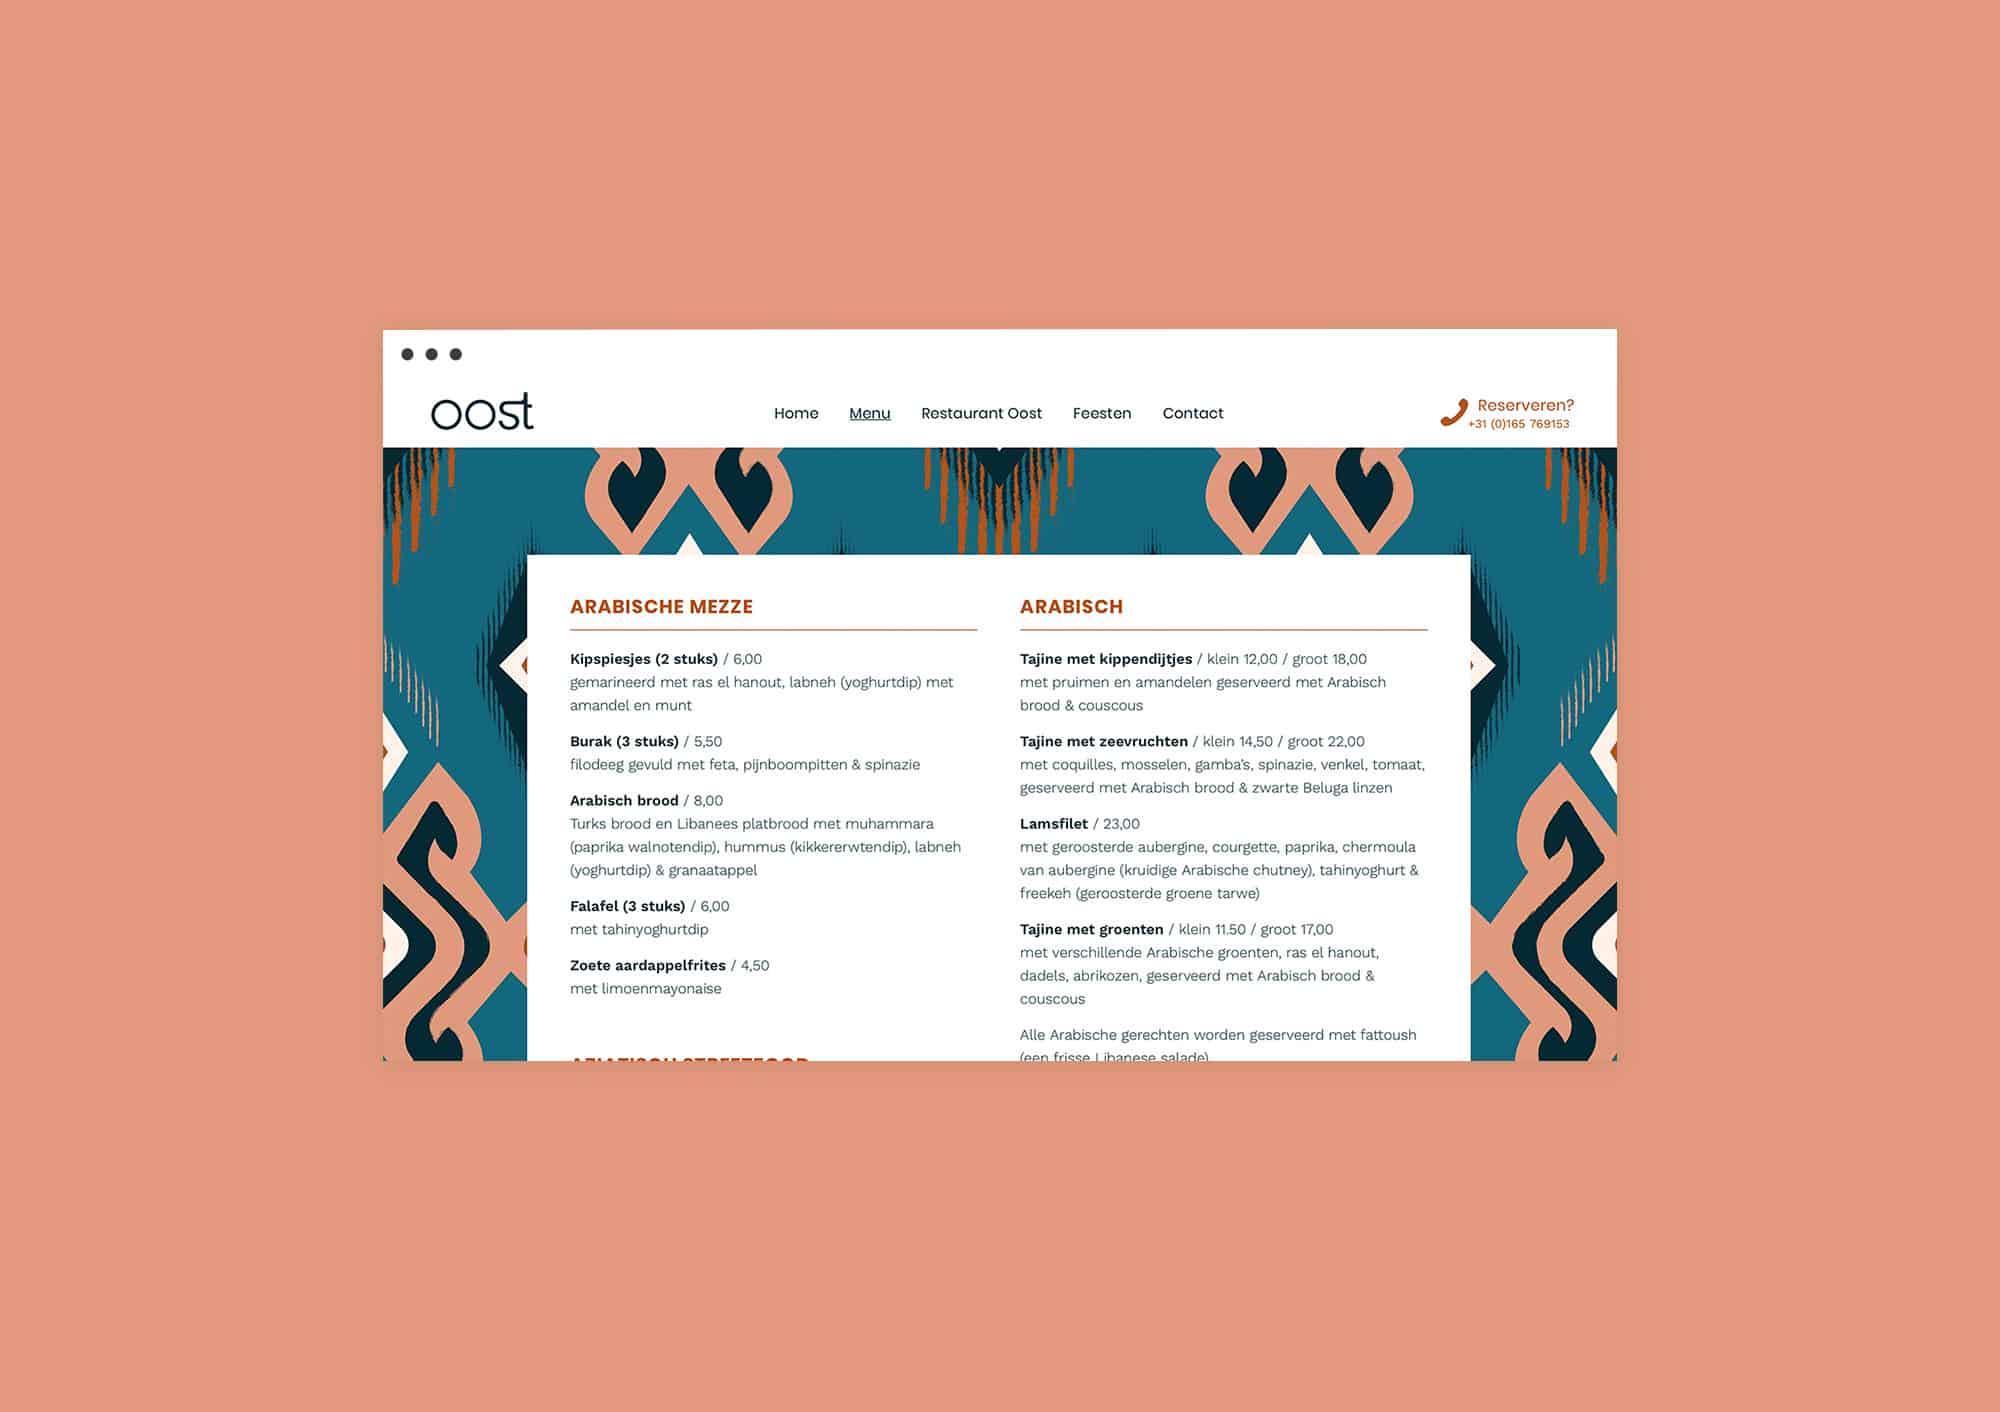 Online menu page design website for Restaurant Oost